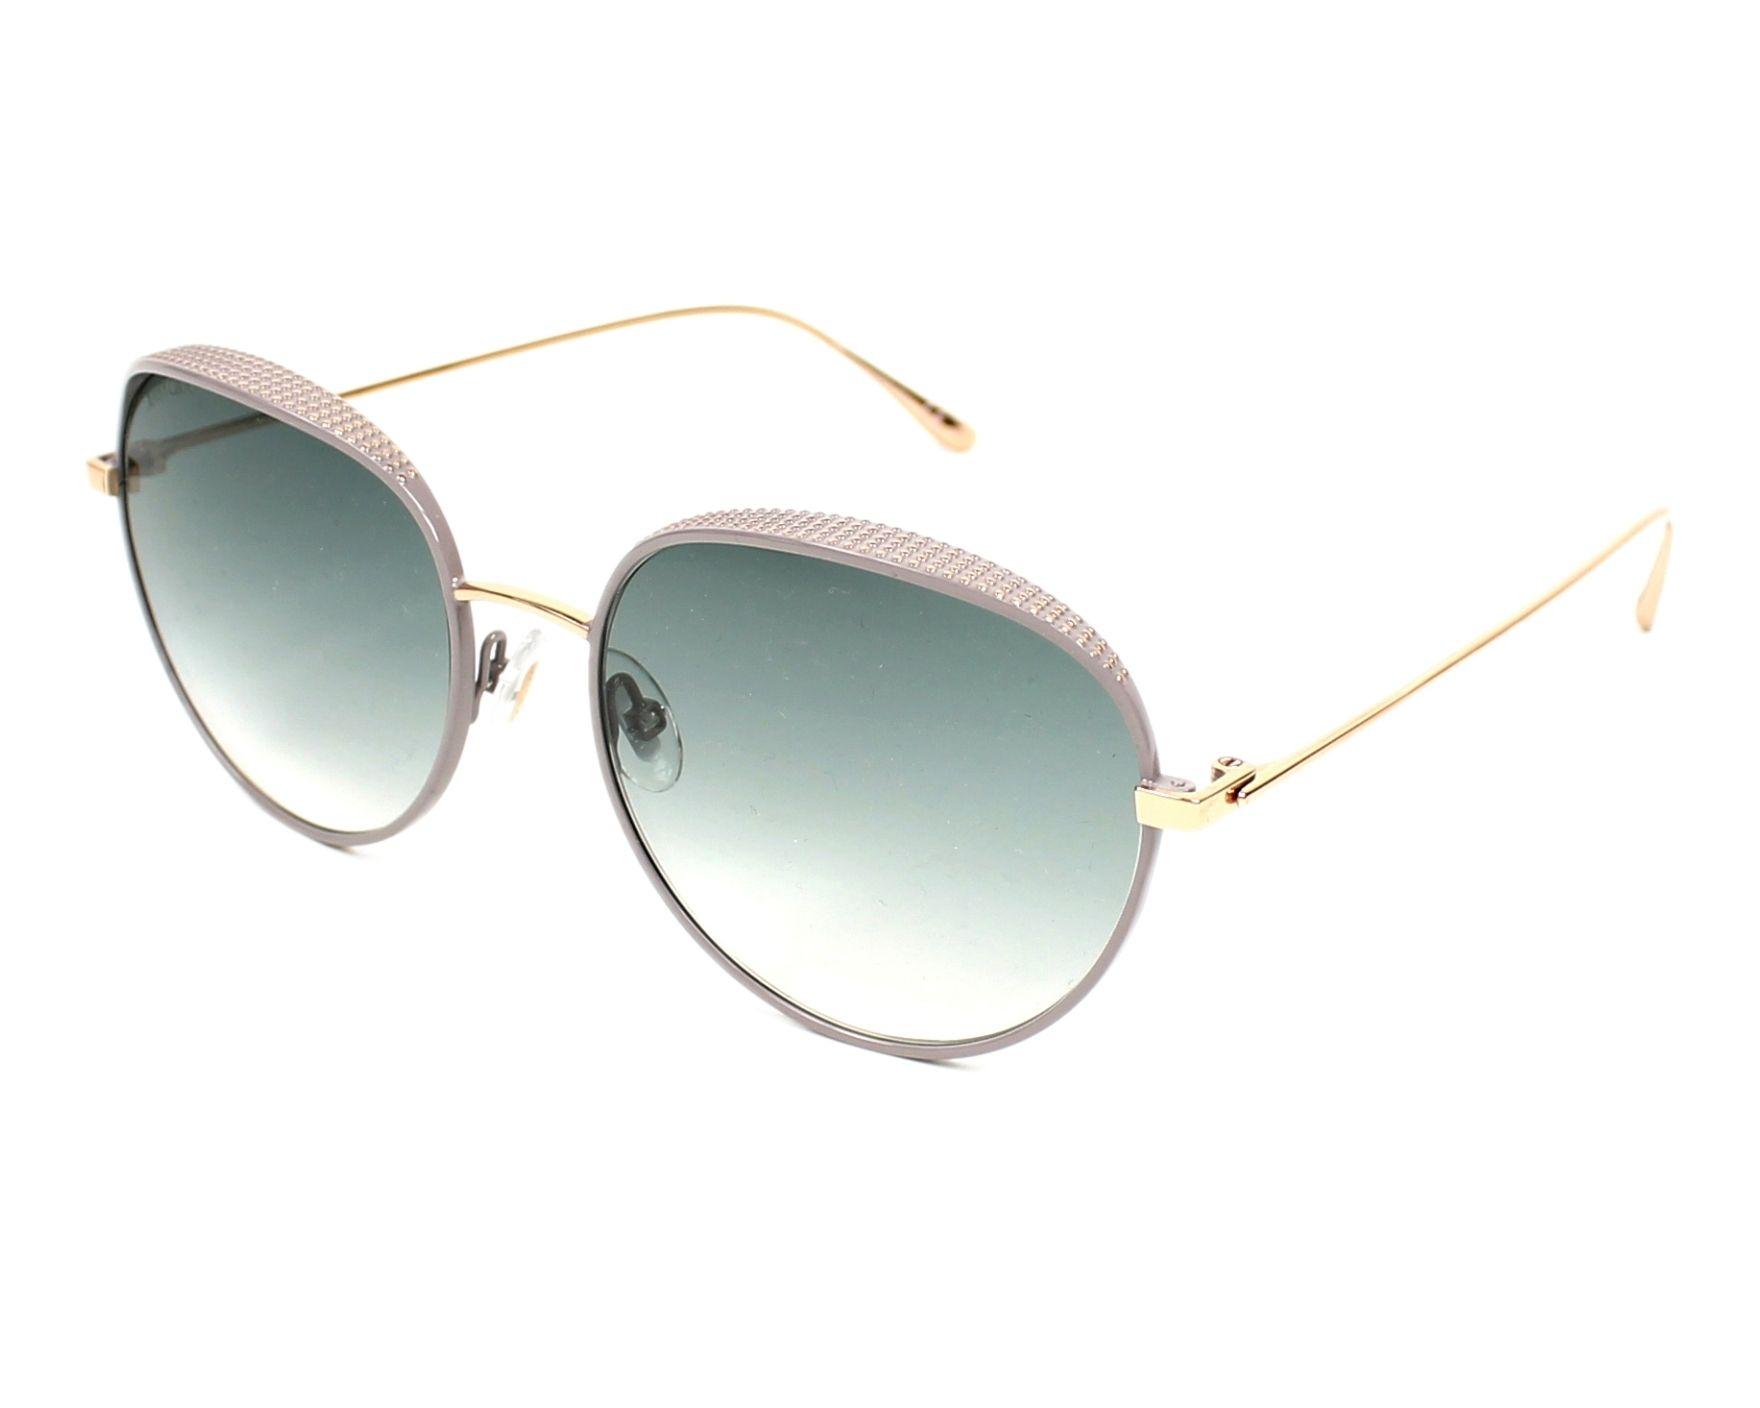 b8113c610a62 Sunglasses Jimmy Choo ELLO-S NOQ 56-18 Gold Grey profile view